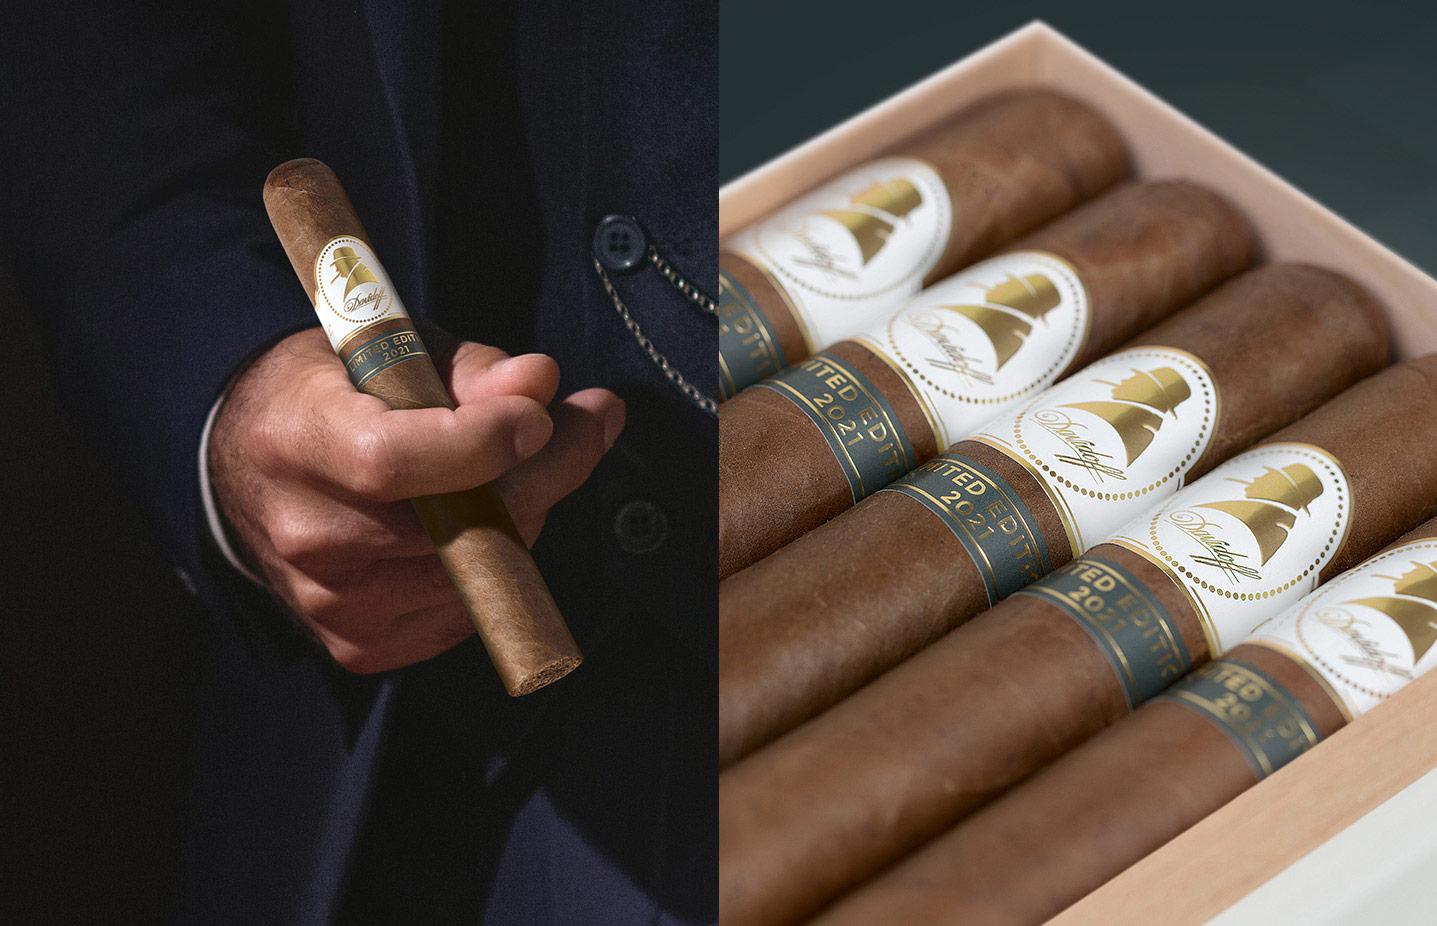 Die Davidoff Winston Churchill Zigarre 2021 Limited Edition in einer Hand